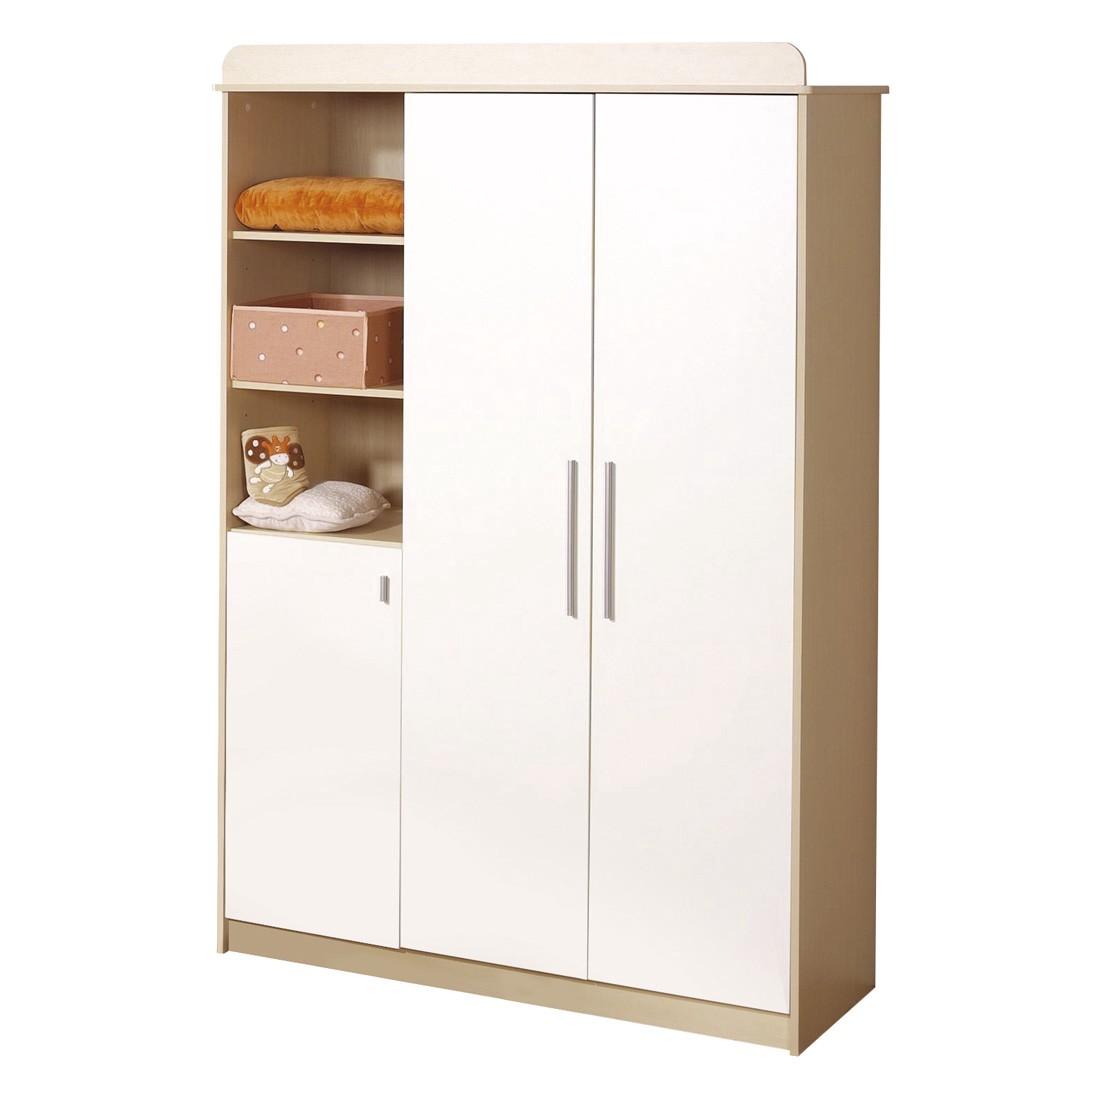 Armoire à vêtements Lena - Erable / Blanc, Roba